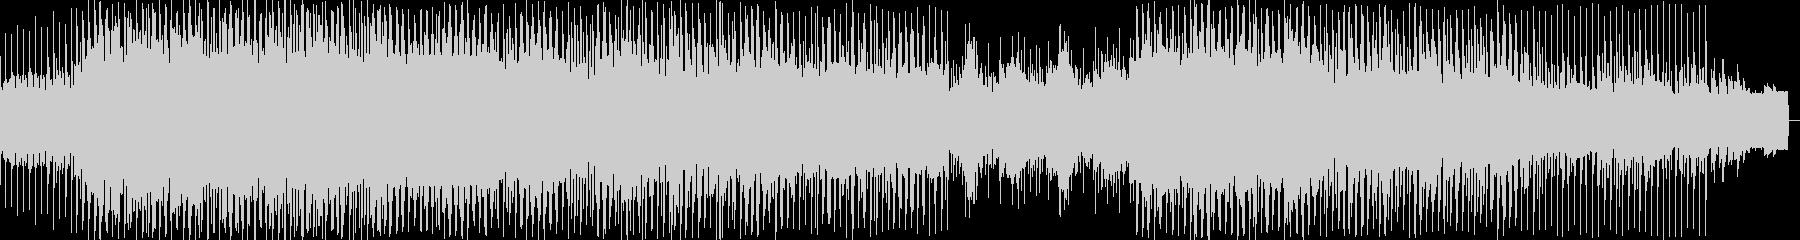 動画 サスペンス 電子打楽器 技術...の未再生の波形